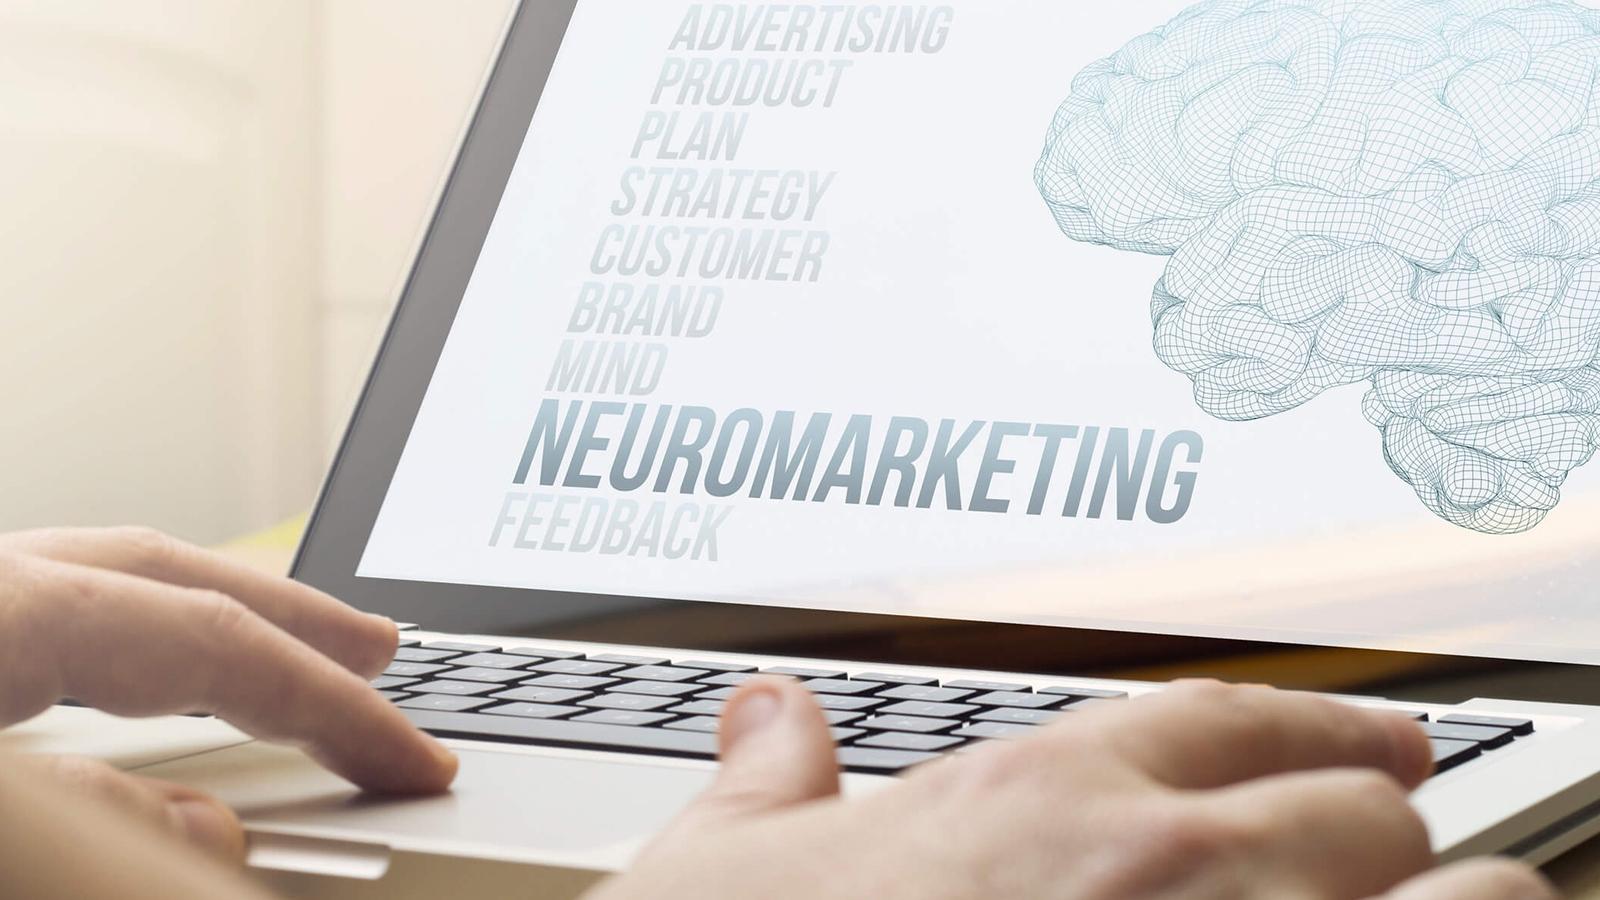 O que e neuromarketing Saiba o que e e como usar 2 - O que é neuromarketing? Saiba o que é e como usar!